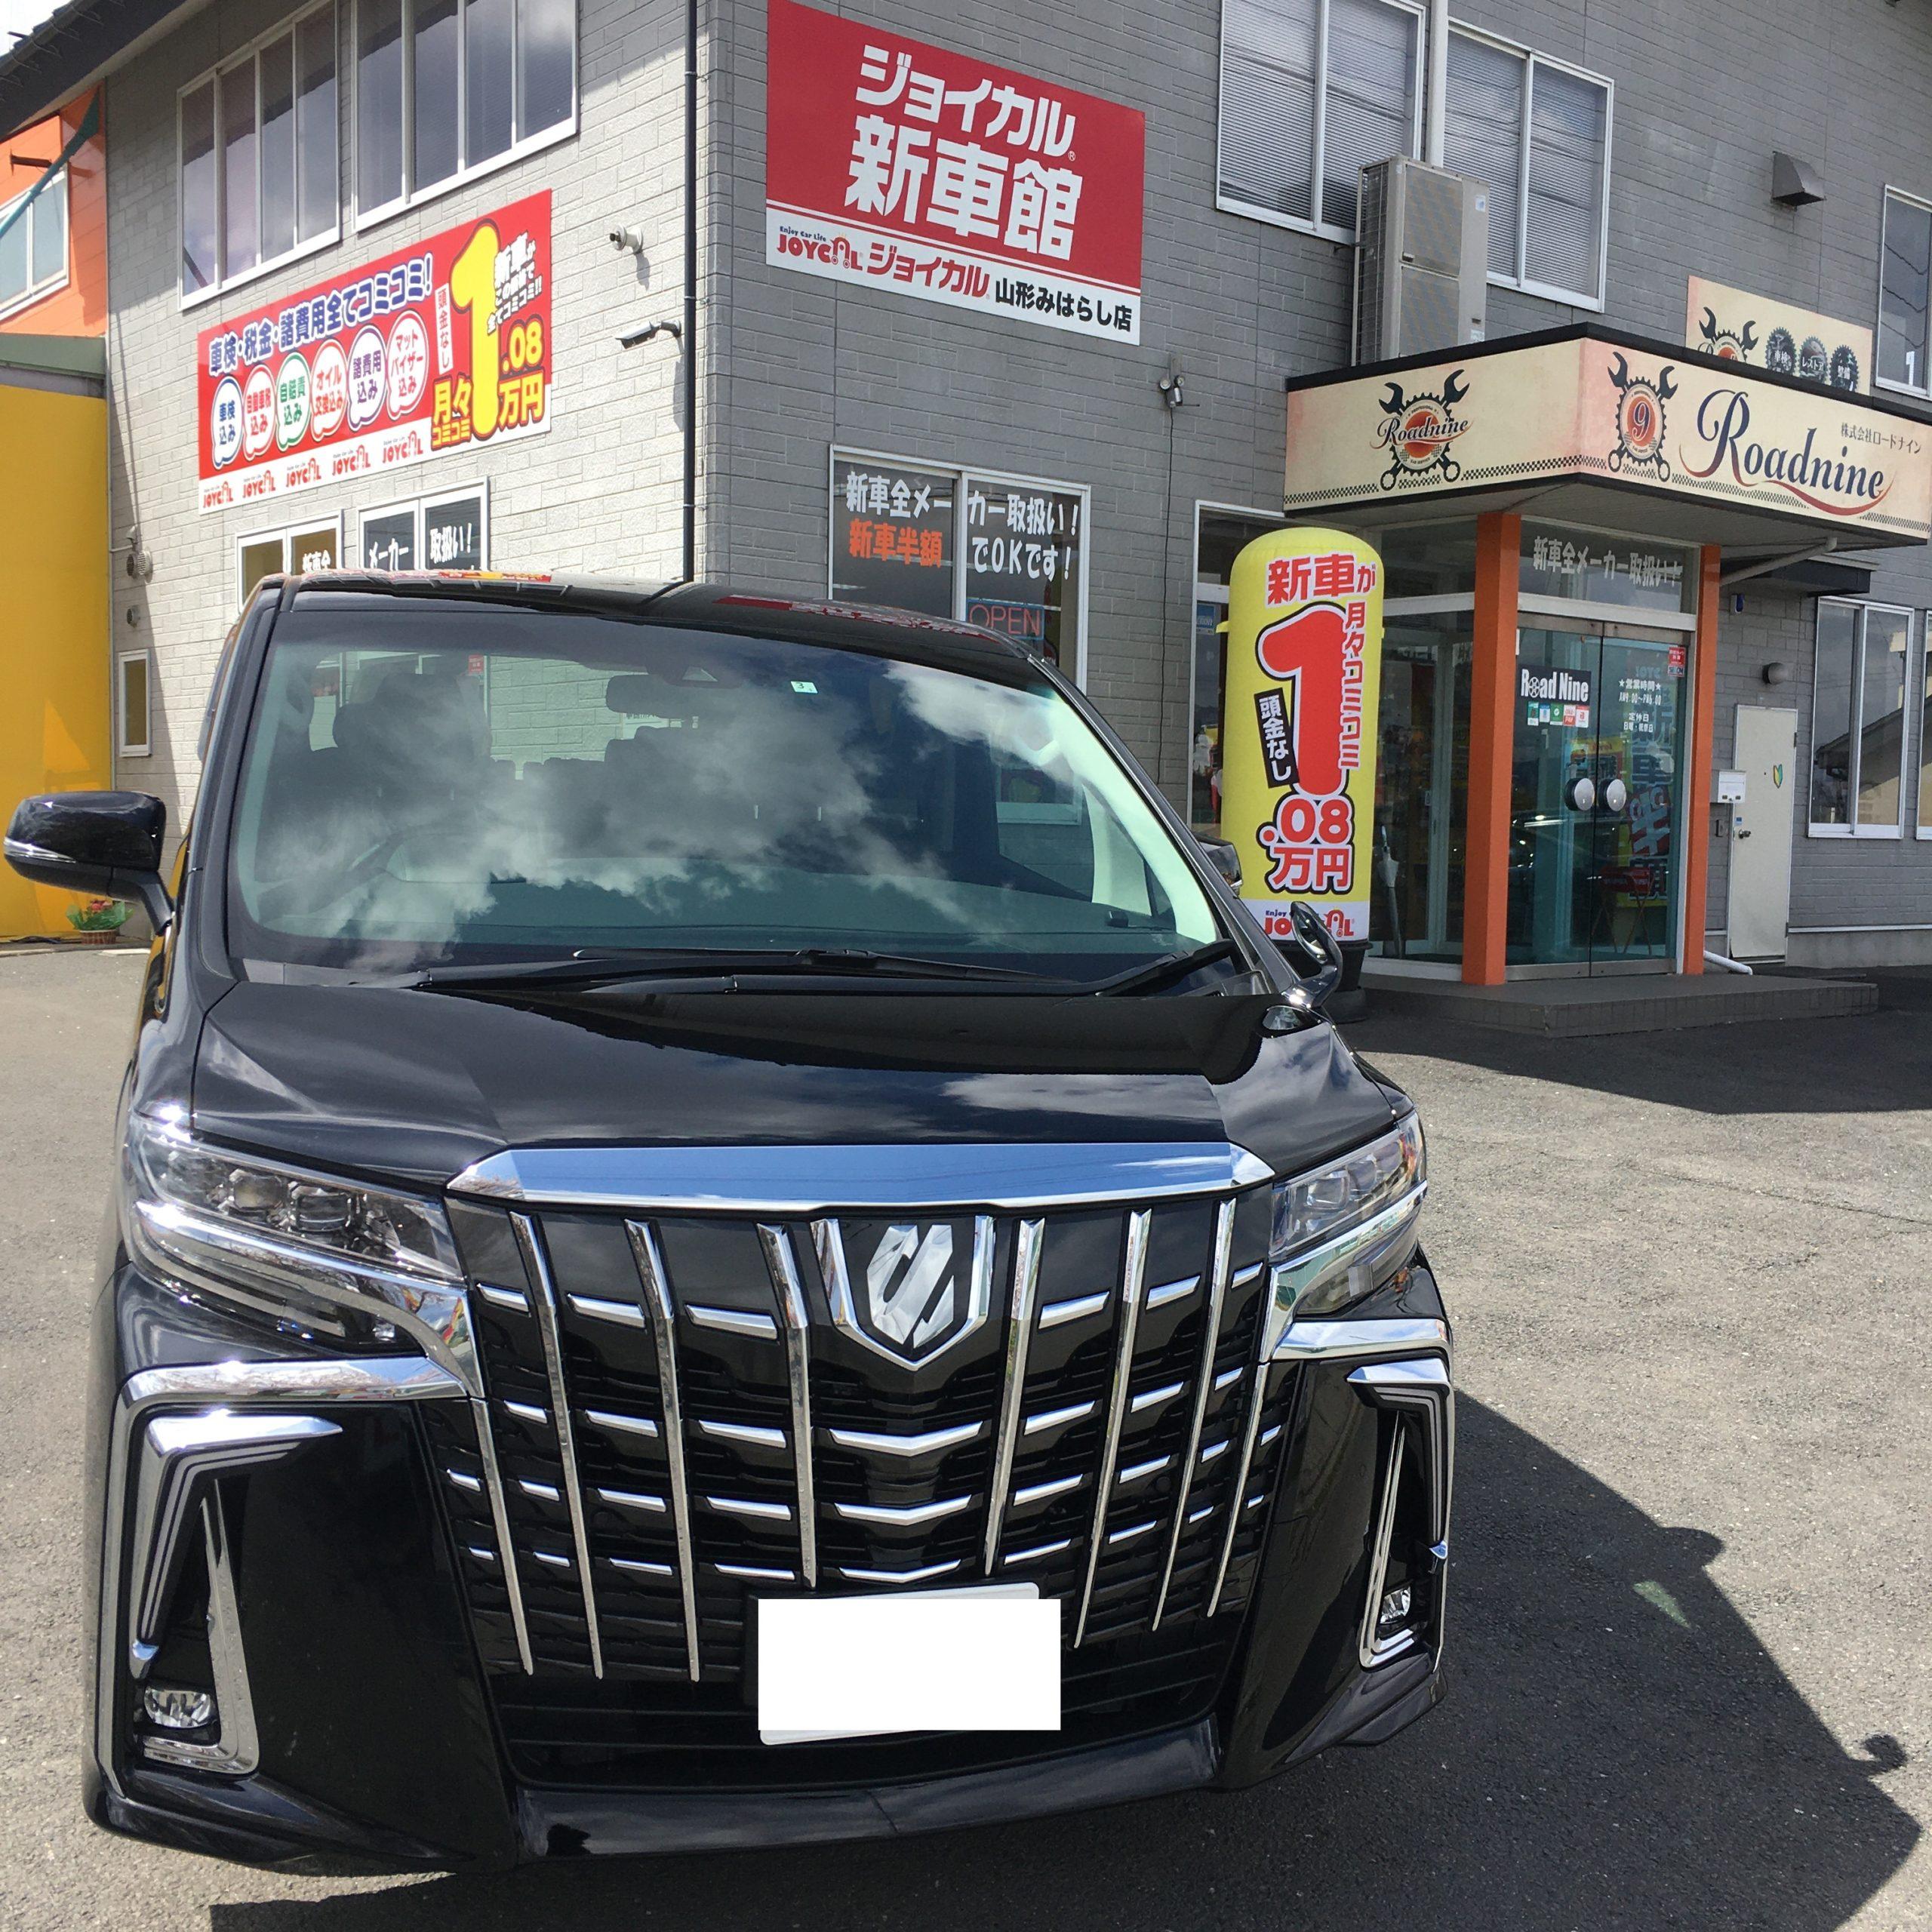 山形県 山形市 新車 新型 トヨタ アルファードの画像